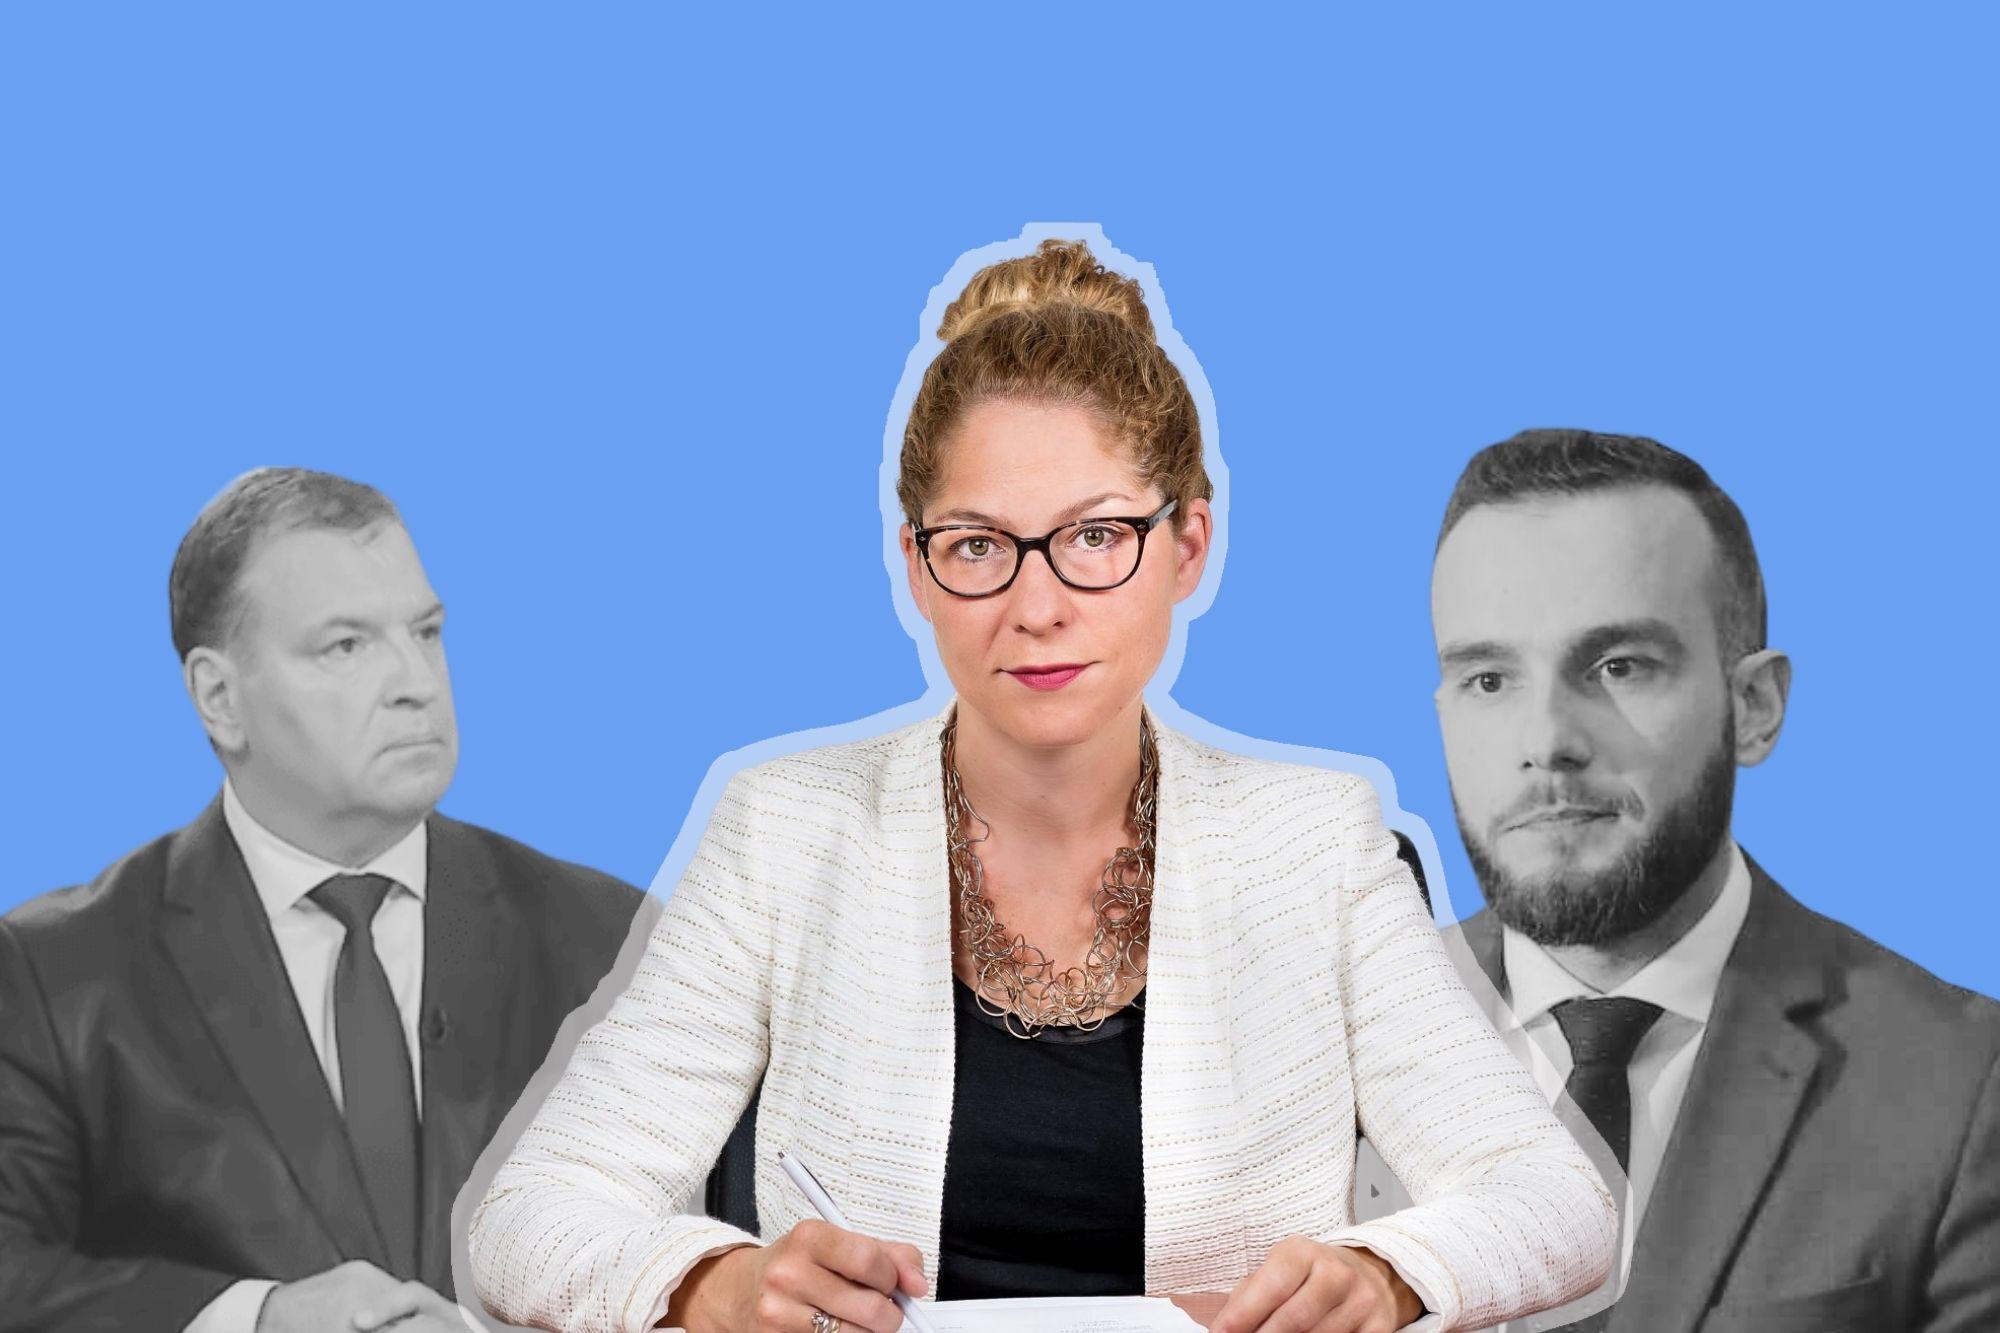 Pravobraniteljica Tena Šimonović Einwalter (u sredini), ministar zdravstva Vili Beroš (lijevo), ministar rada Josip Aladrović (desno)